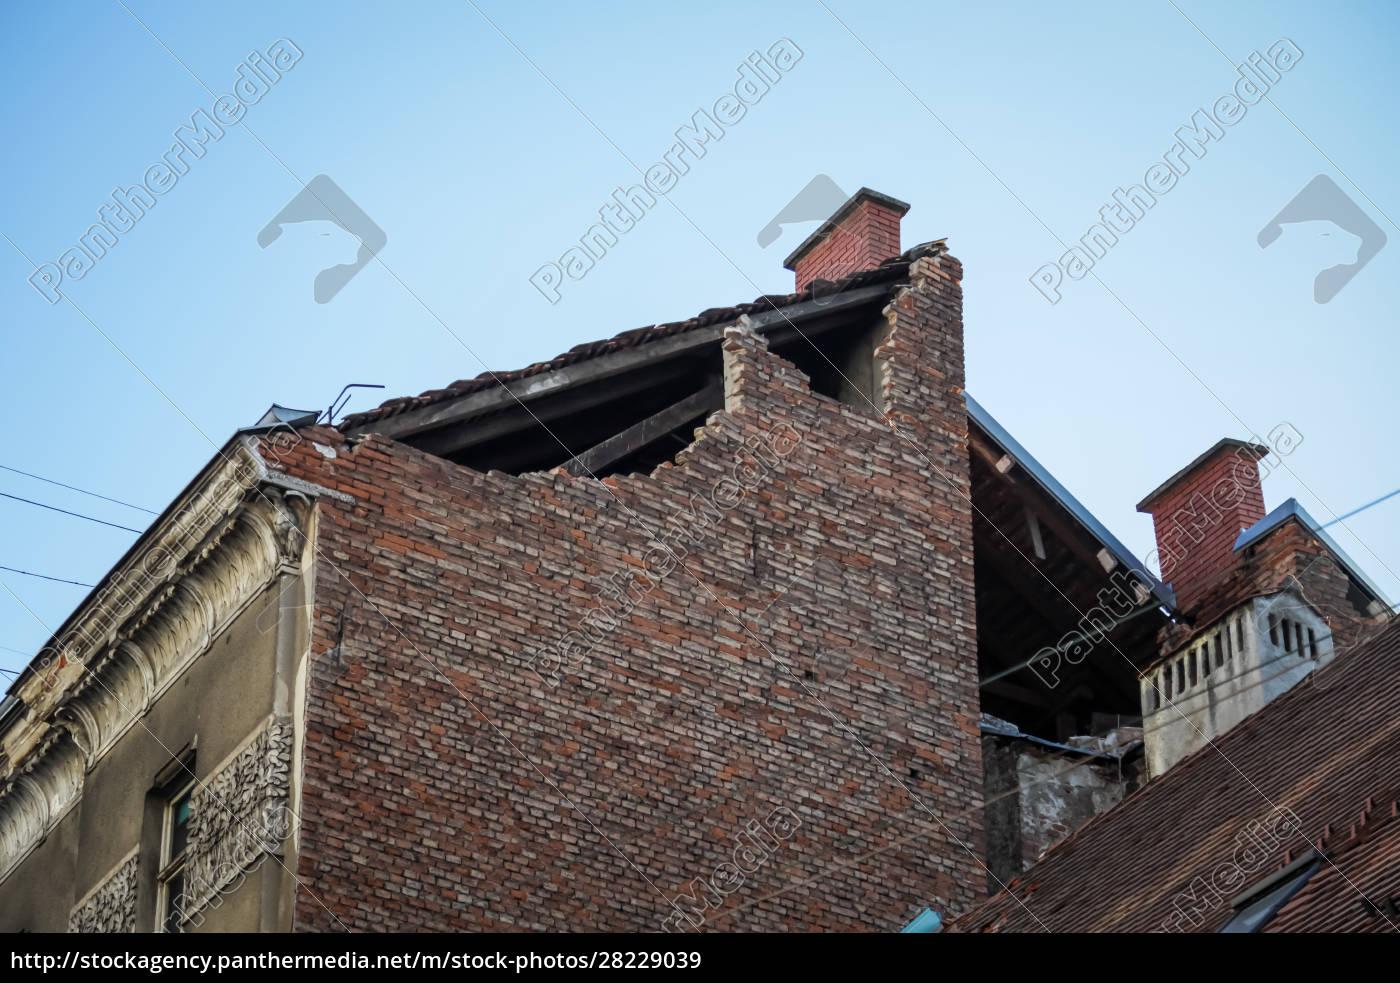 zagreb, vom, erdbeben, getroffen - 28229039